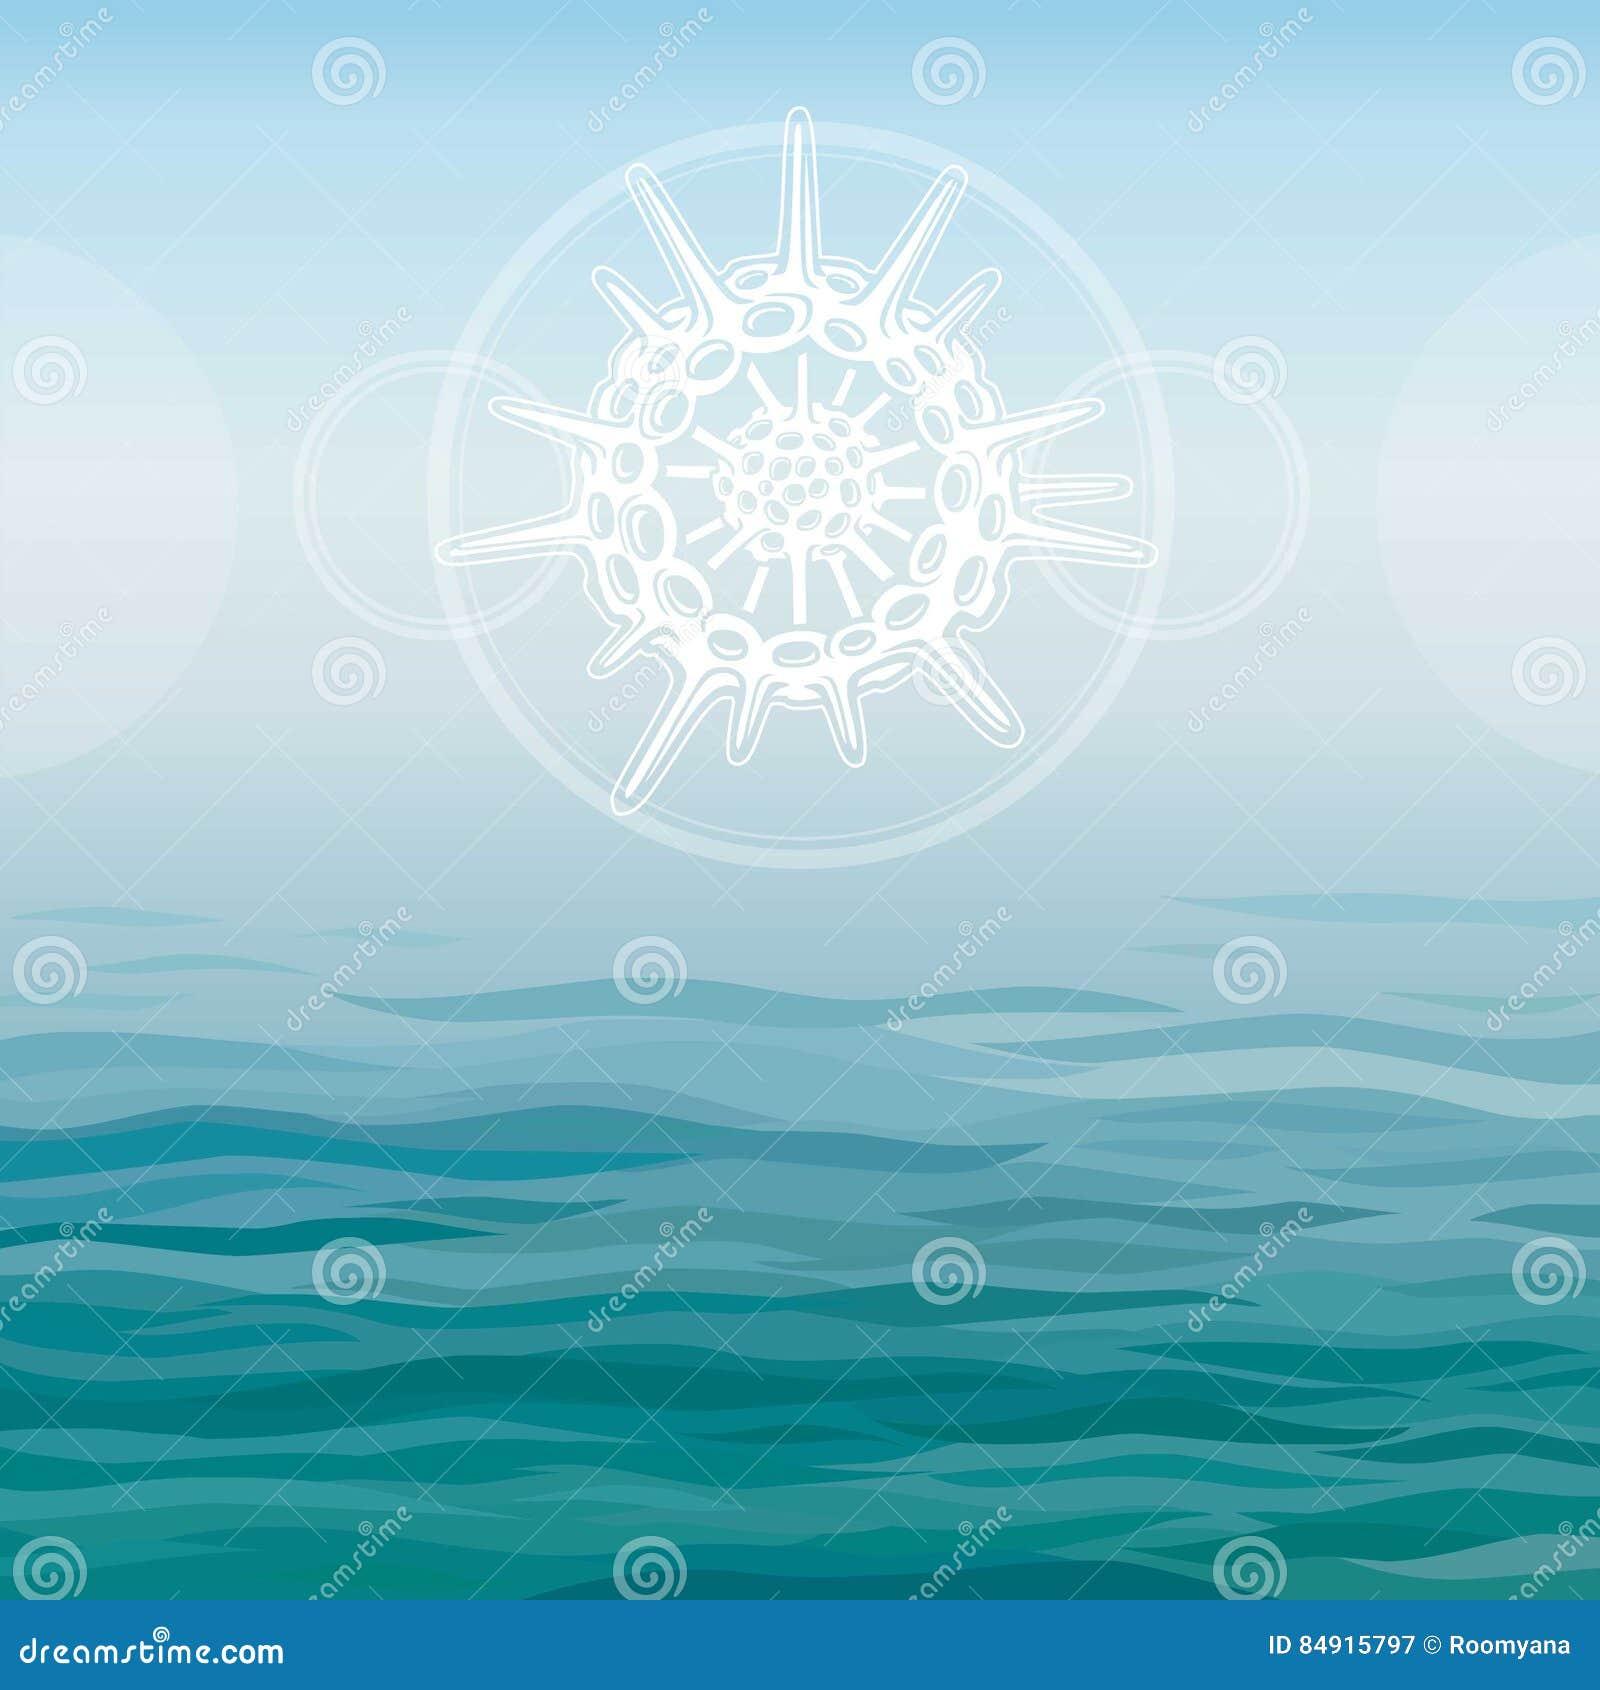 Τυποποιημένο σχέδιο radiolaria - ο στοιχειώδης θαλάσσιος οργανισμός